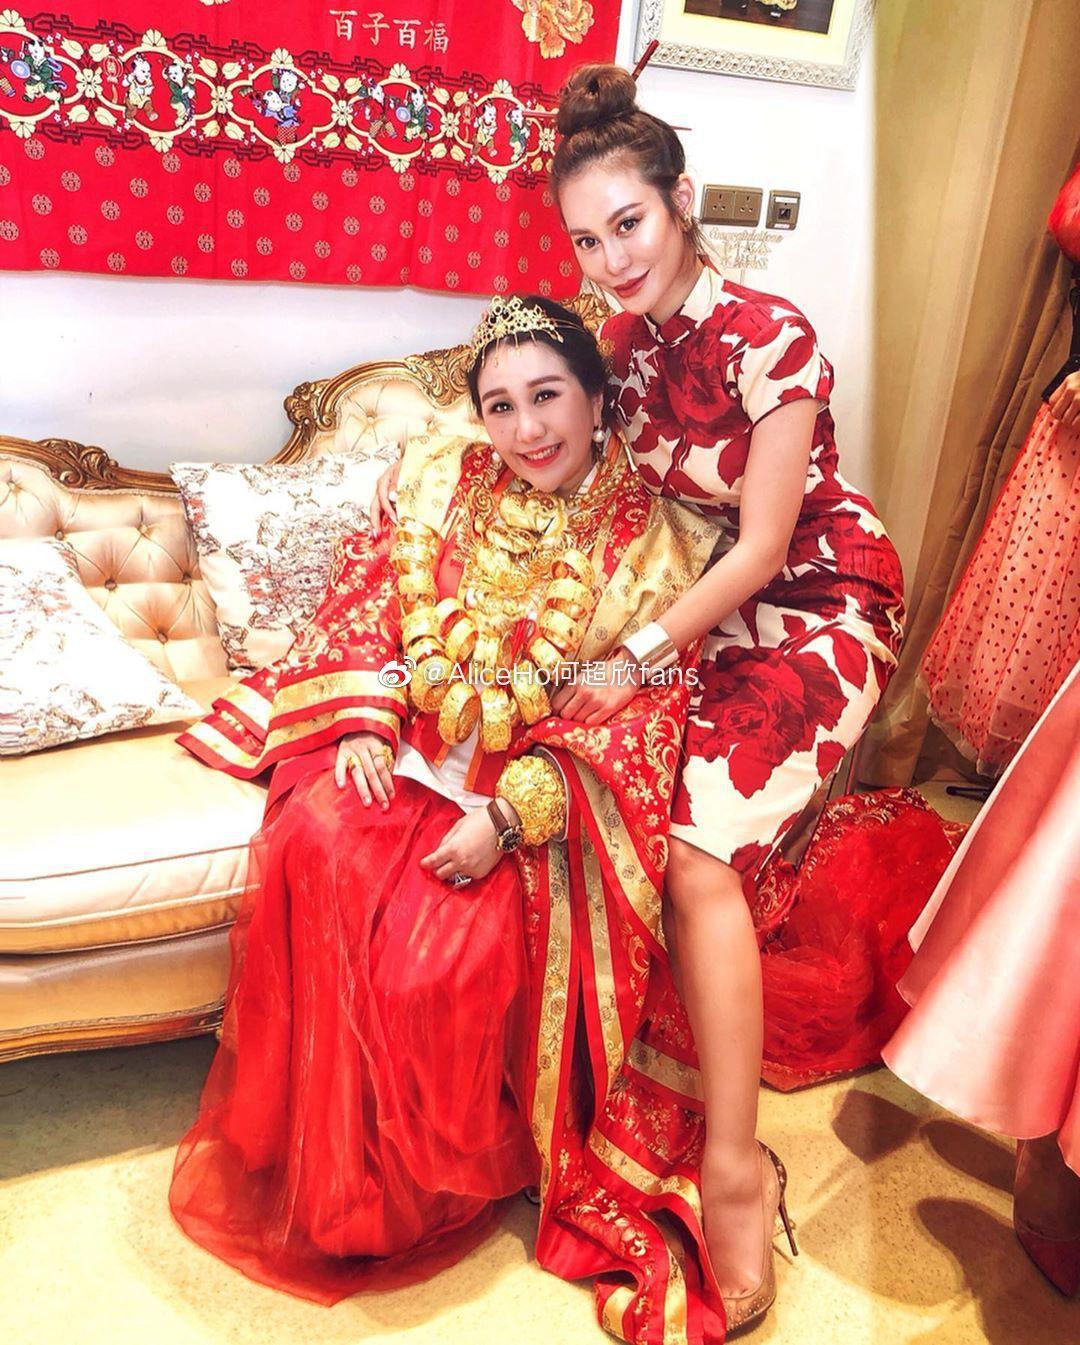 Sau lễ dạm ngõ trĩu cổ với vàng ròng, thiên kim sòng bạc Macau nặng nề với bụng bầu sinh đôi, lộ nhẫn kim cương khủng - Ảnh 8.